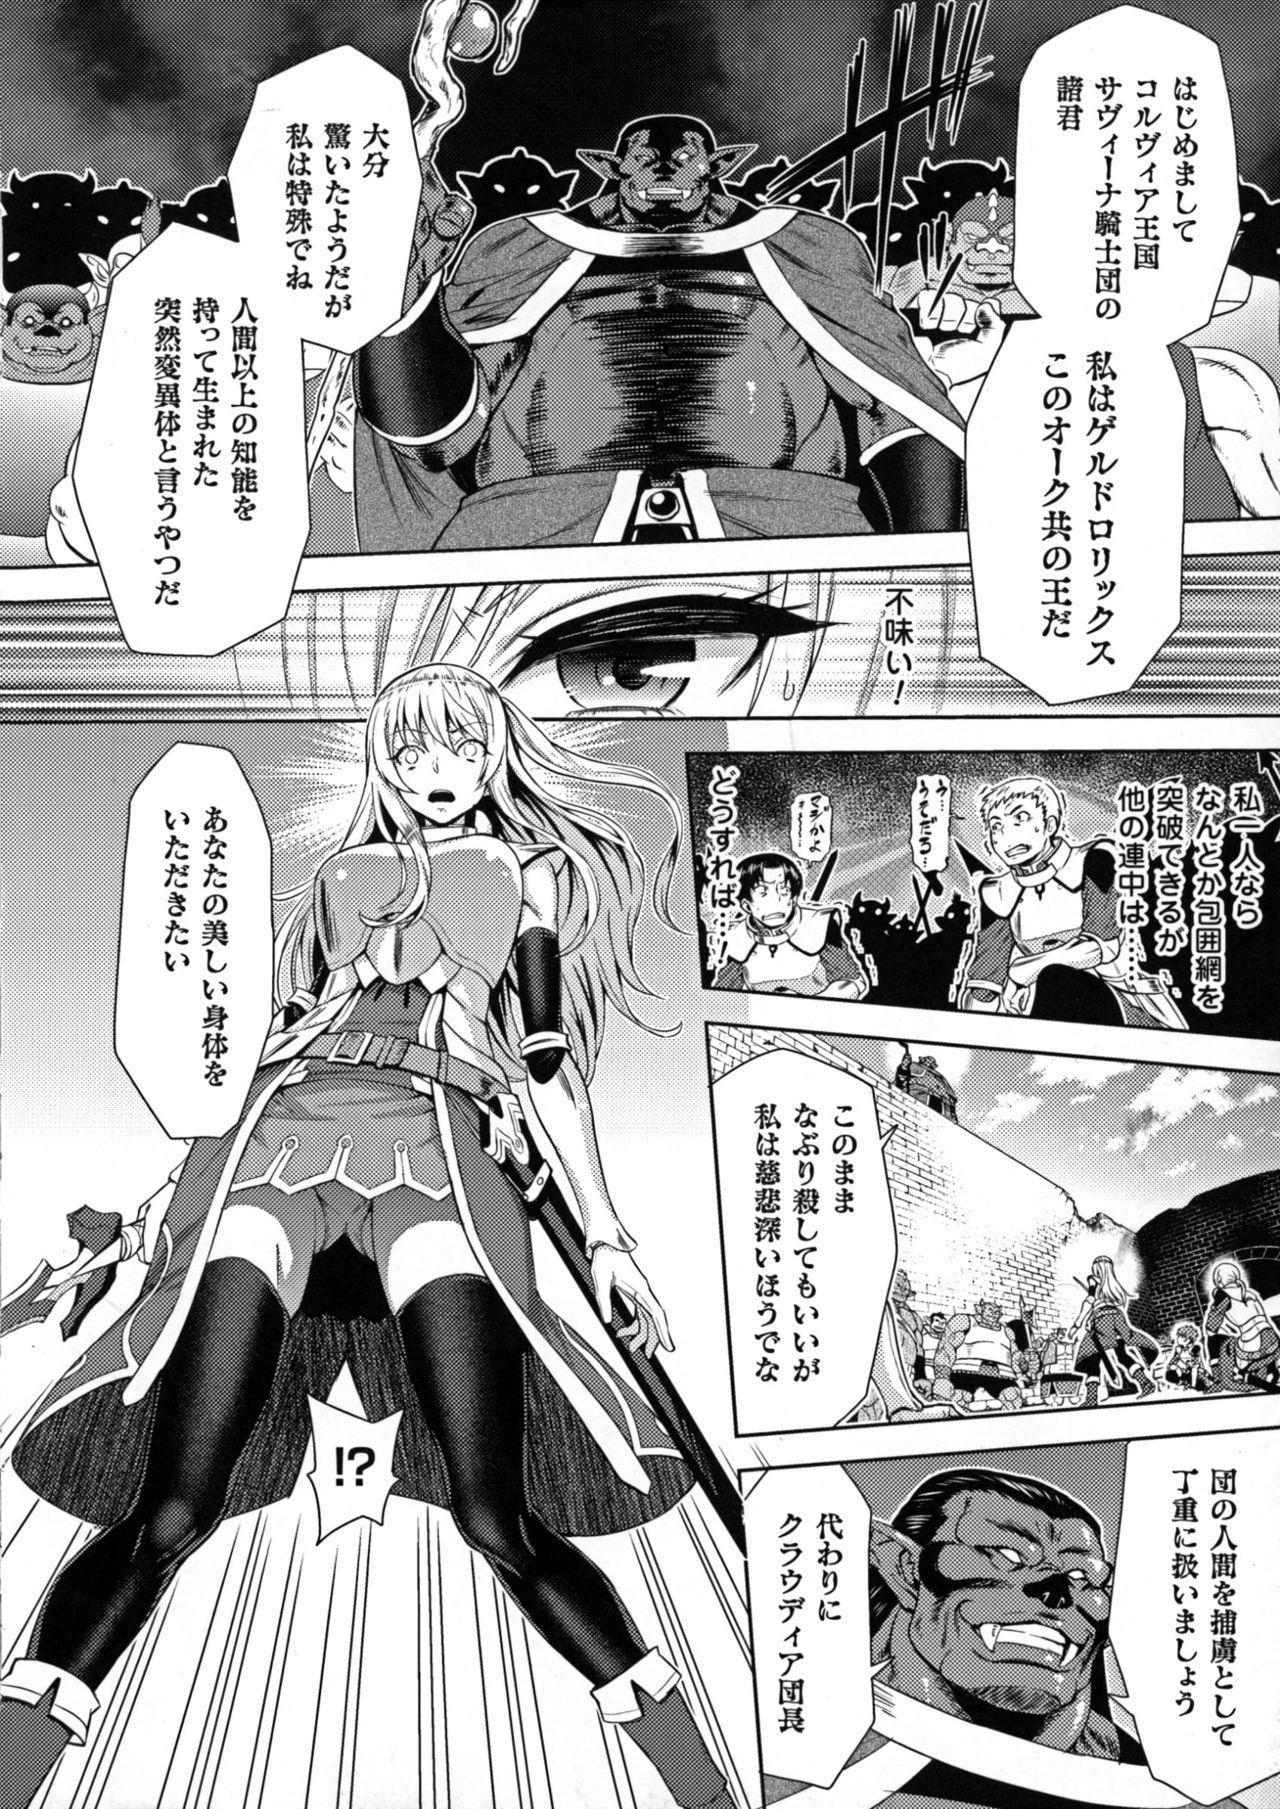 ERONA Orc no Inmon ni Okasareta Onna Kishi no Matsuro Ch. 1-6 7